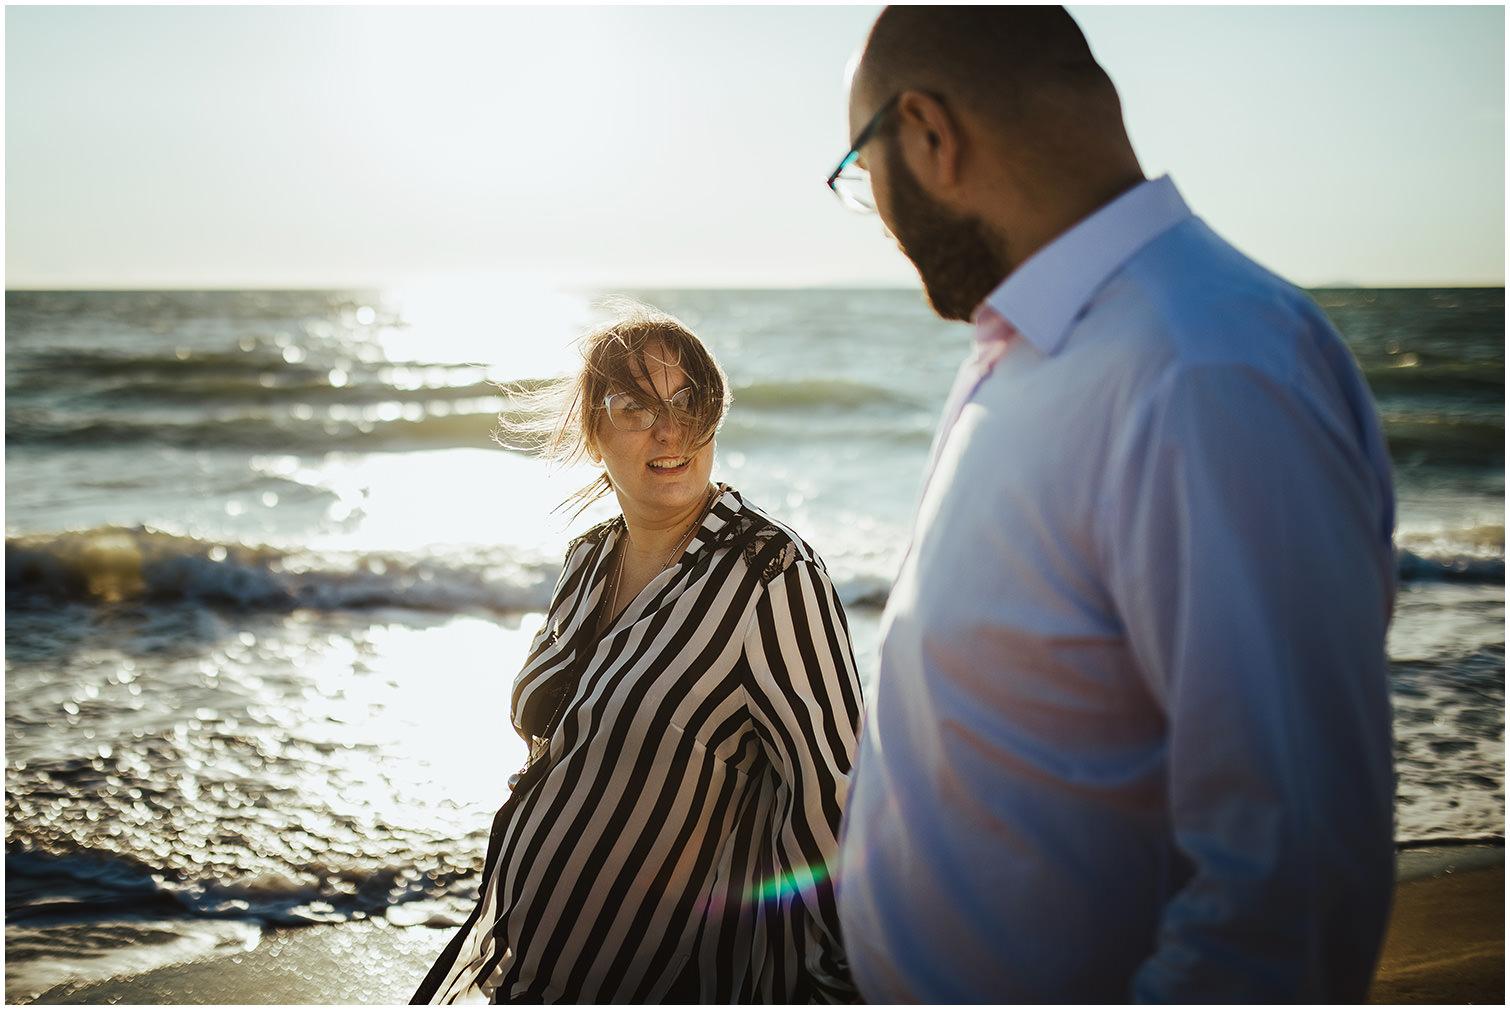 rosi-miche-maternity-session-sara-lorenzoni-fotografia-arezzo-grosseto-fotografo-matrimonio-14